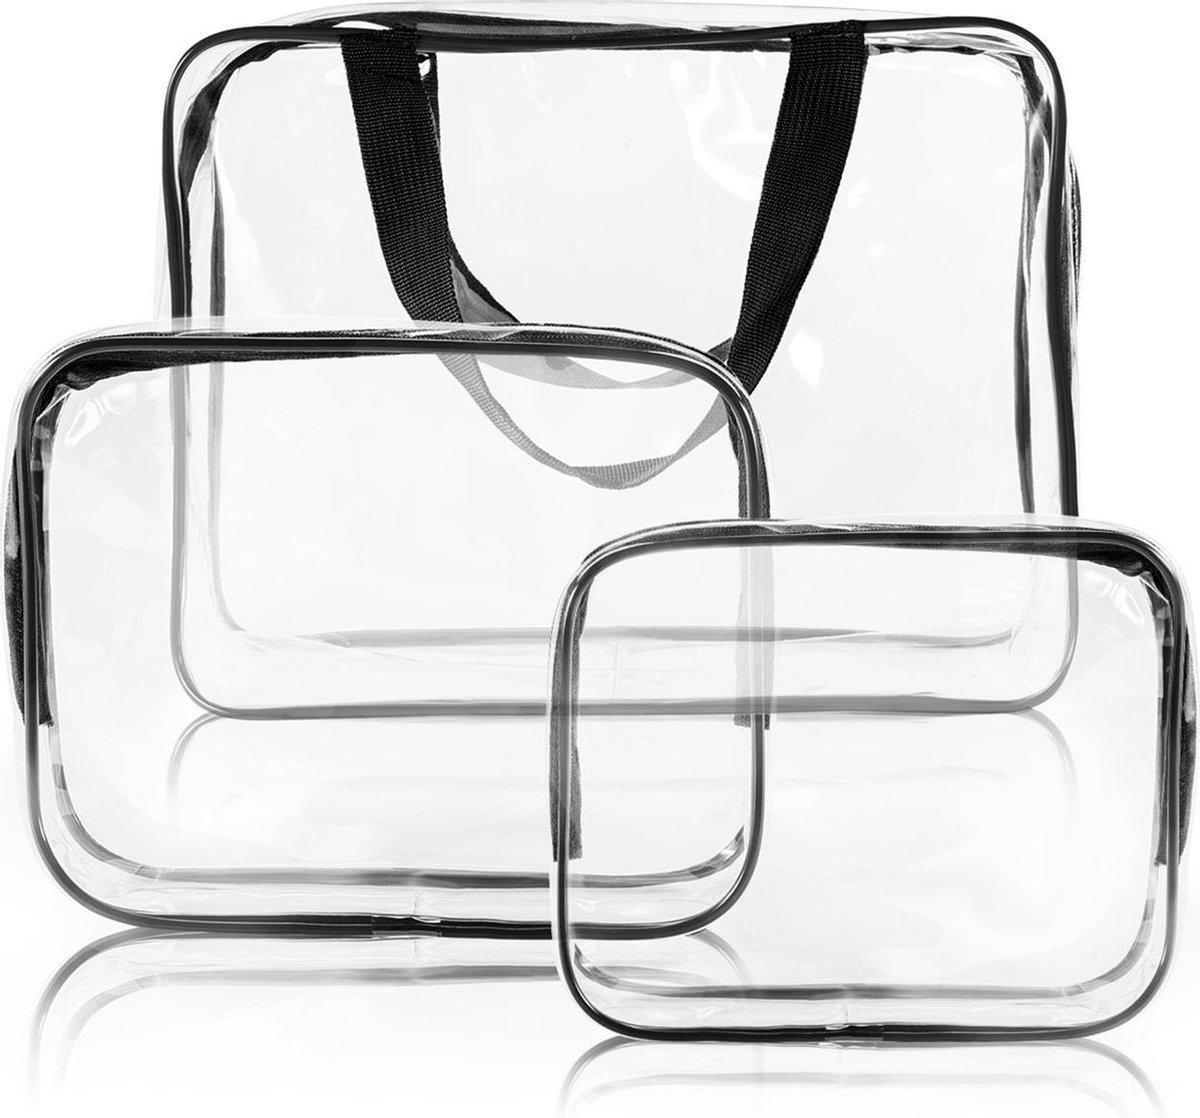 Reis Doorzichtige Toilettas Set voor Toiletartikelen   Transparante Travel Organizer Bag 3-Pack